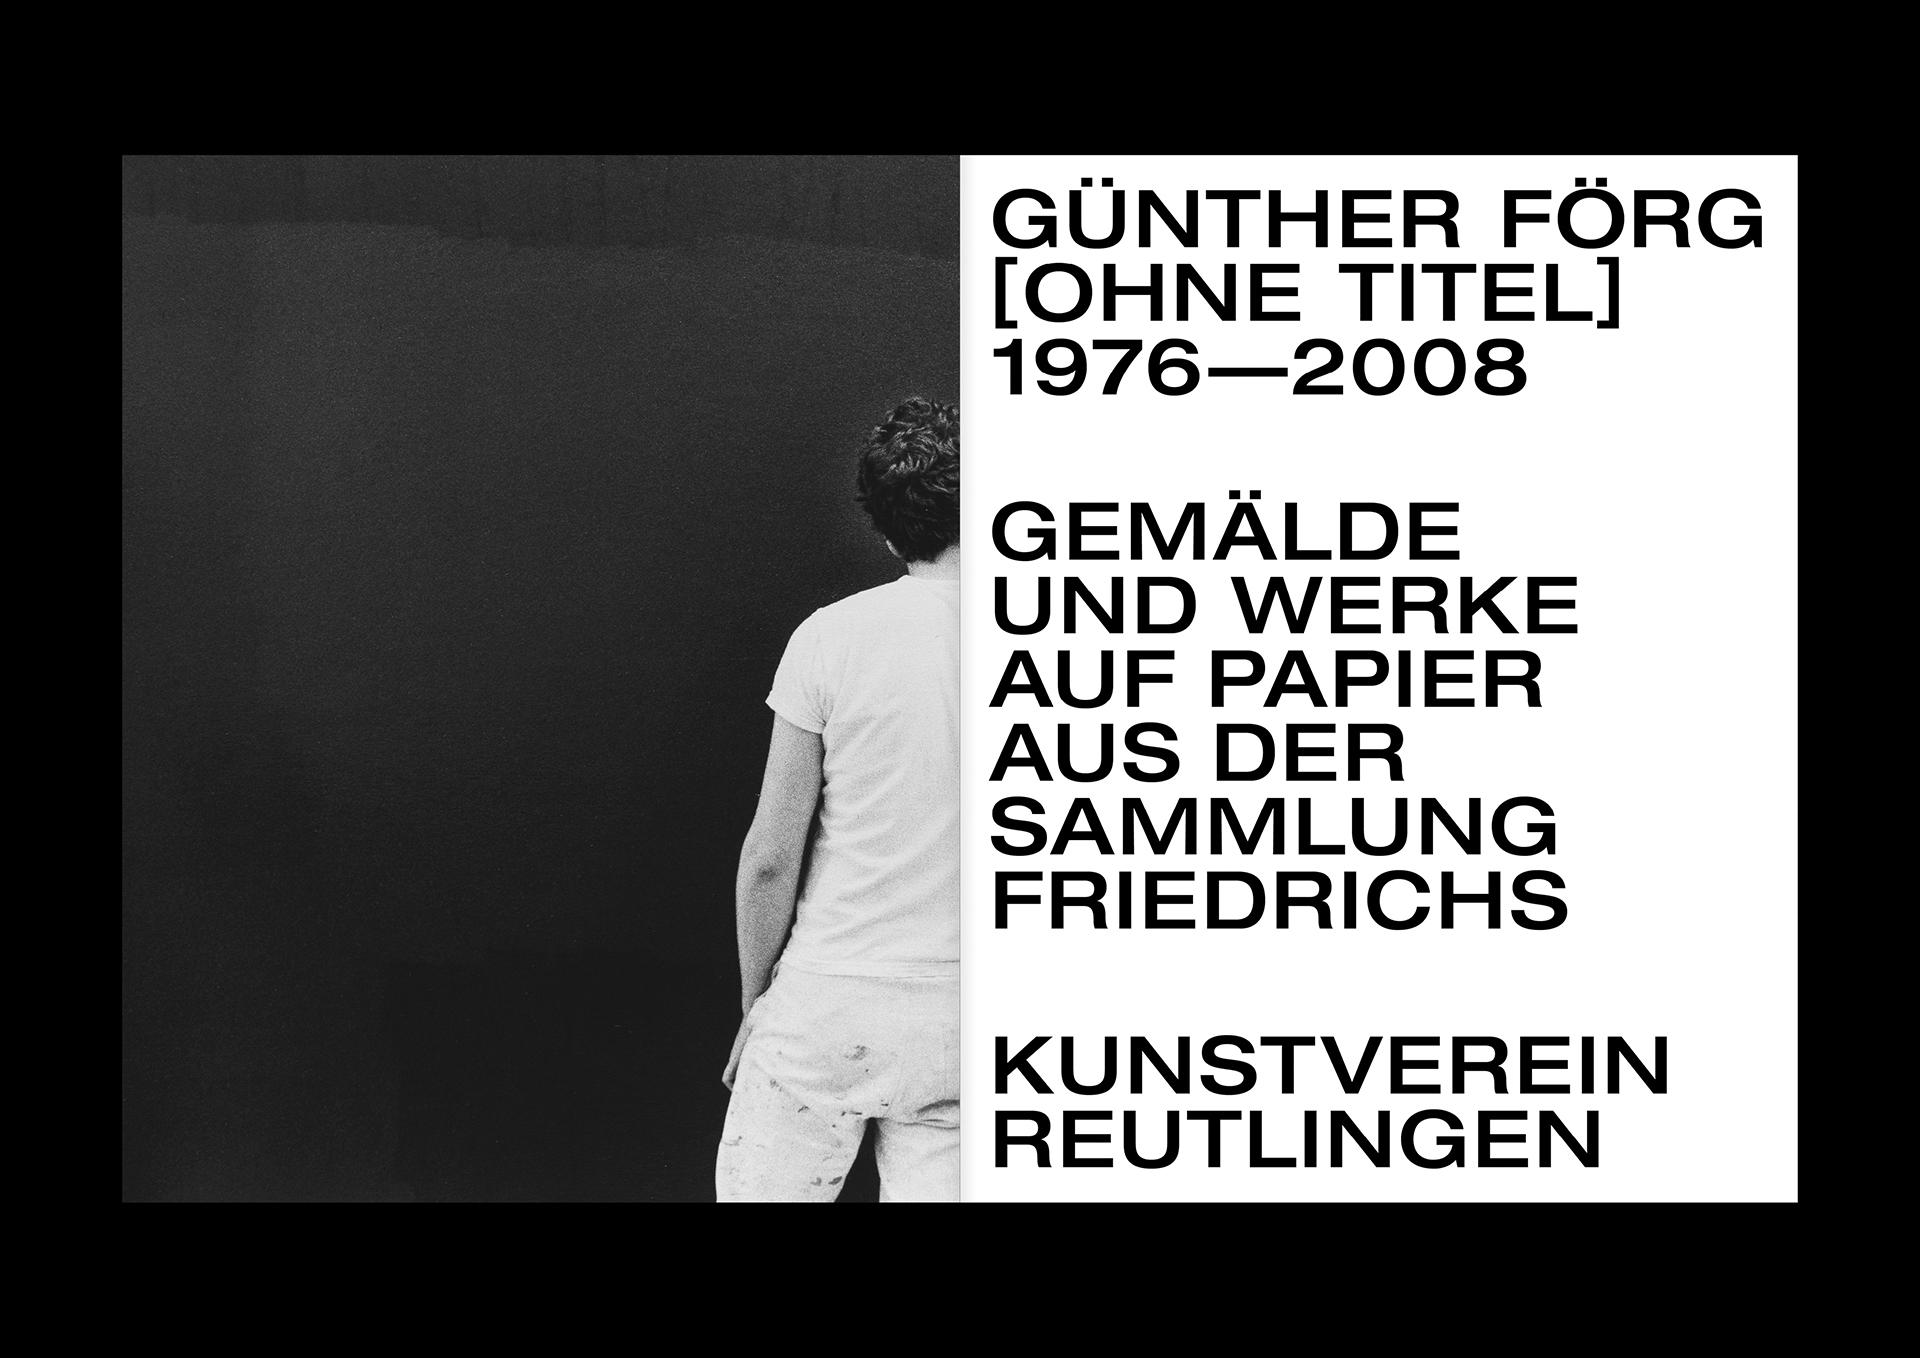 SMS_Günther_Förg_2